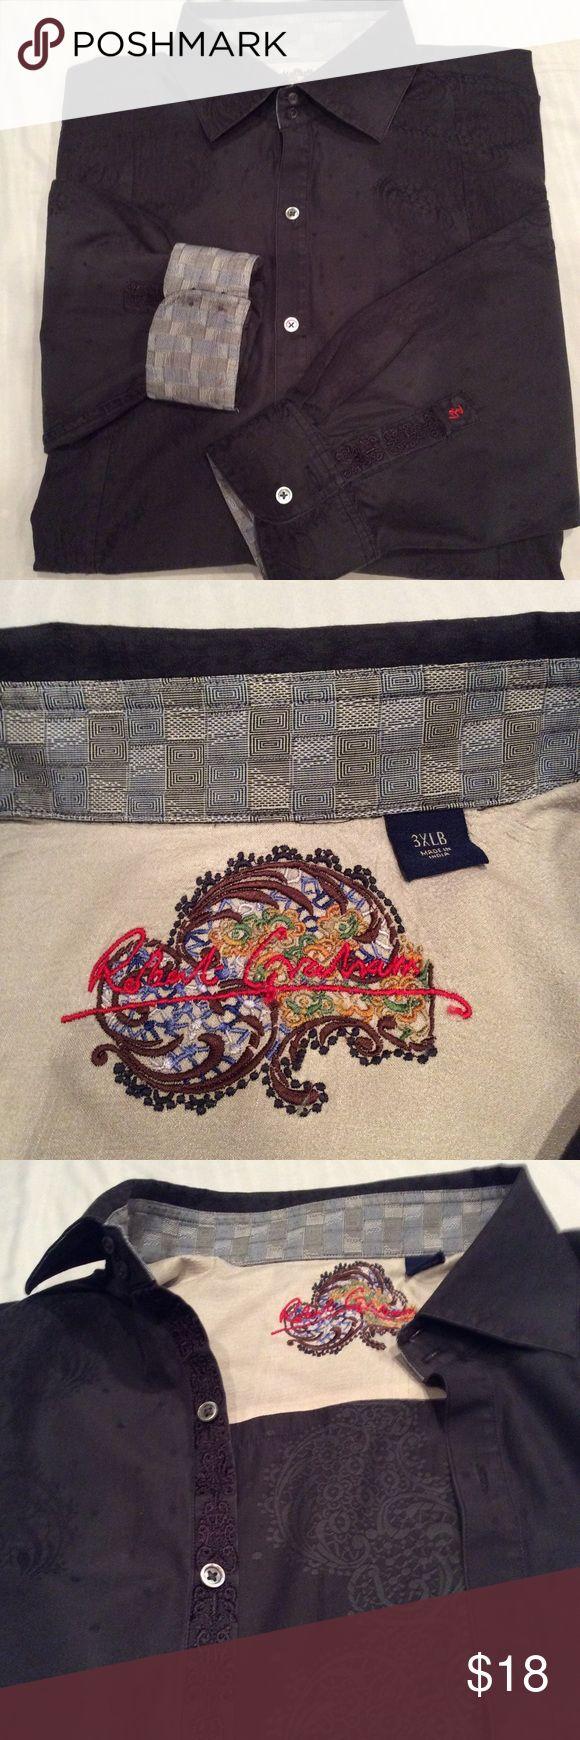 Men's dress shirt Robert Graham 3XLB Brand is Robert Graham Robert Graham Shirts Dress Shirts